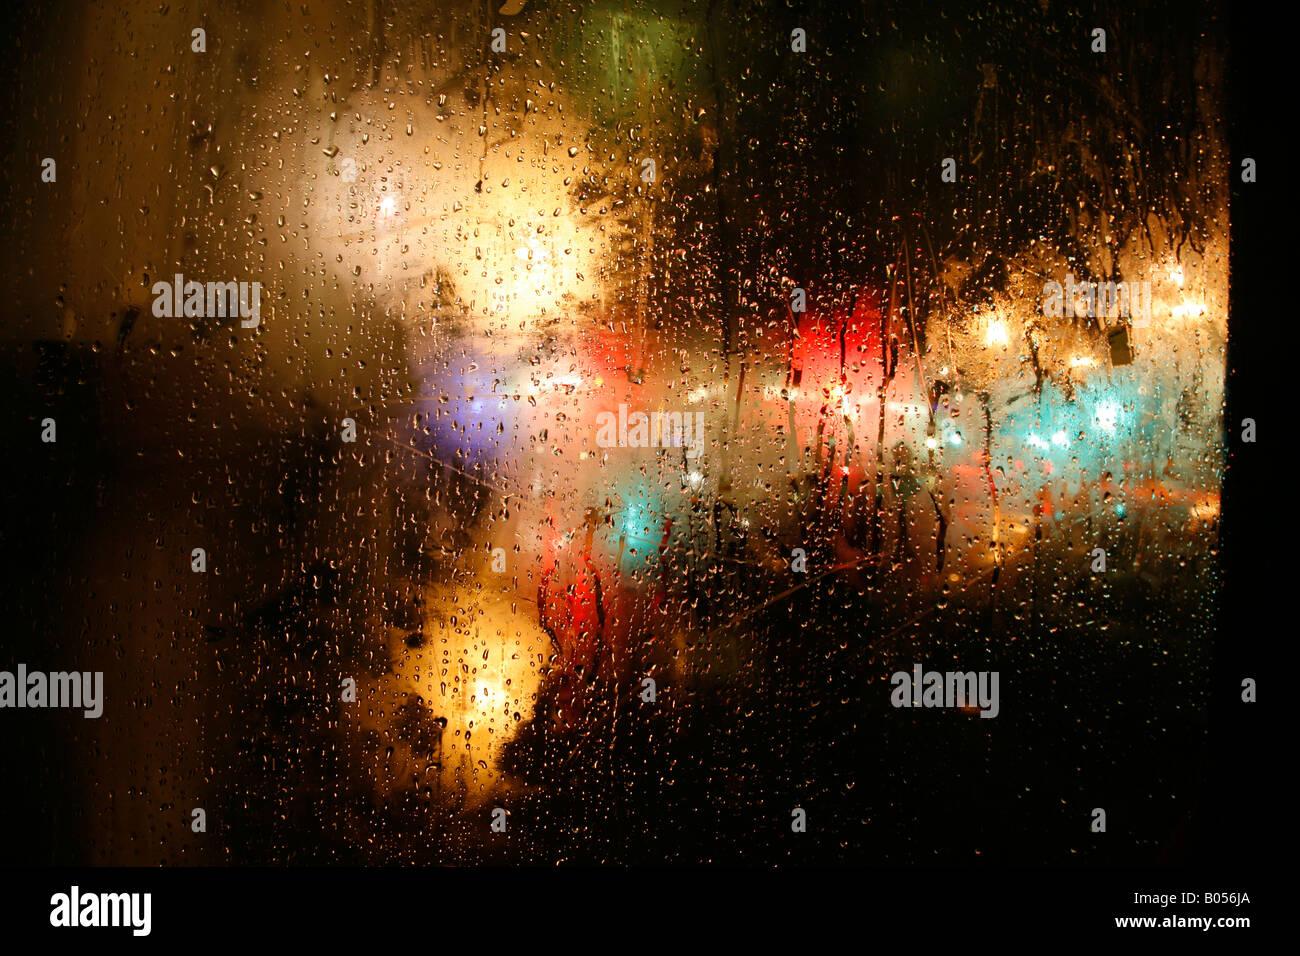 Guardando fuori di una pioggia SPORCA FINESTRA SUL Harrington Road, South Kensington, Londra Immagini Stock